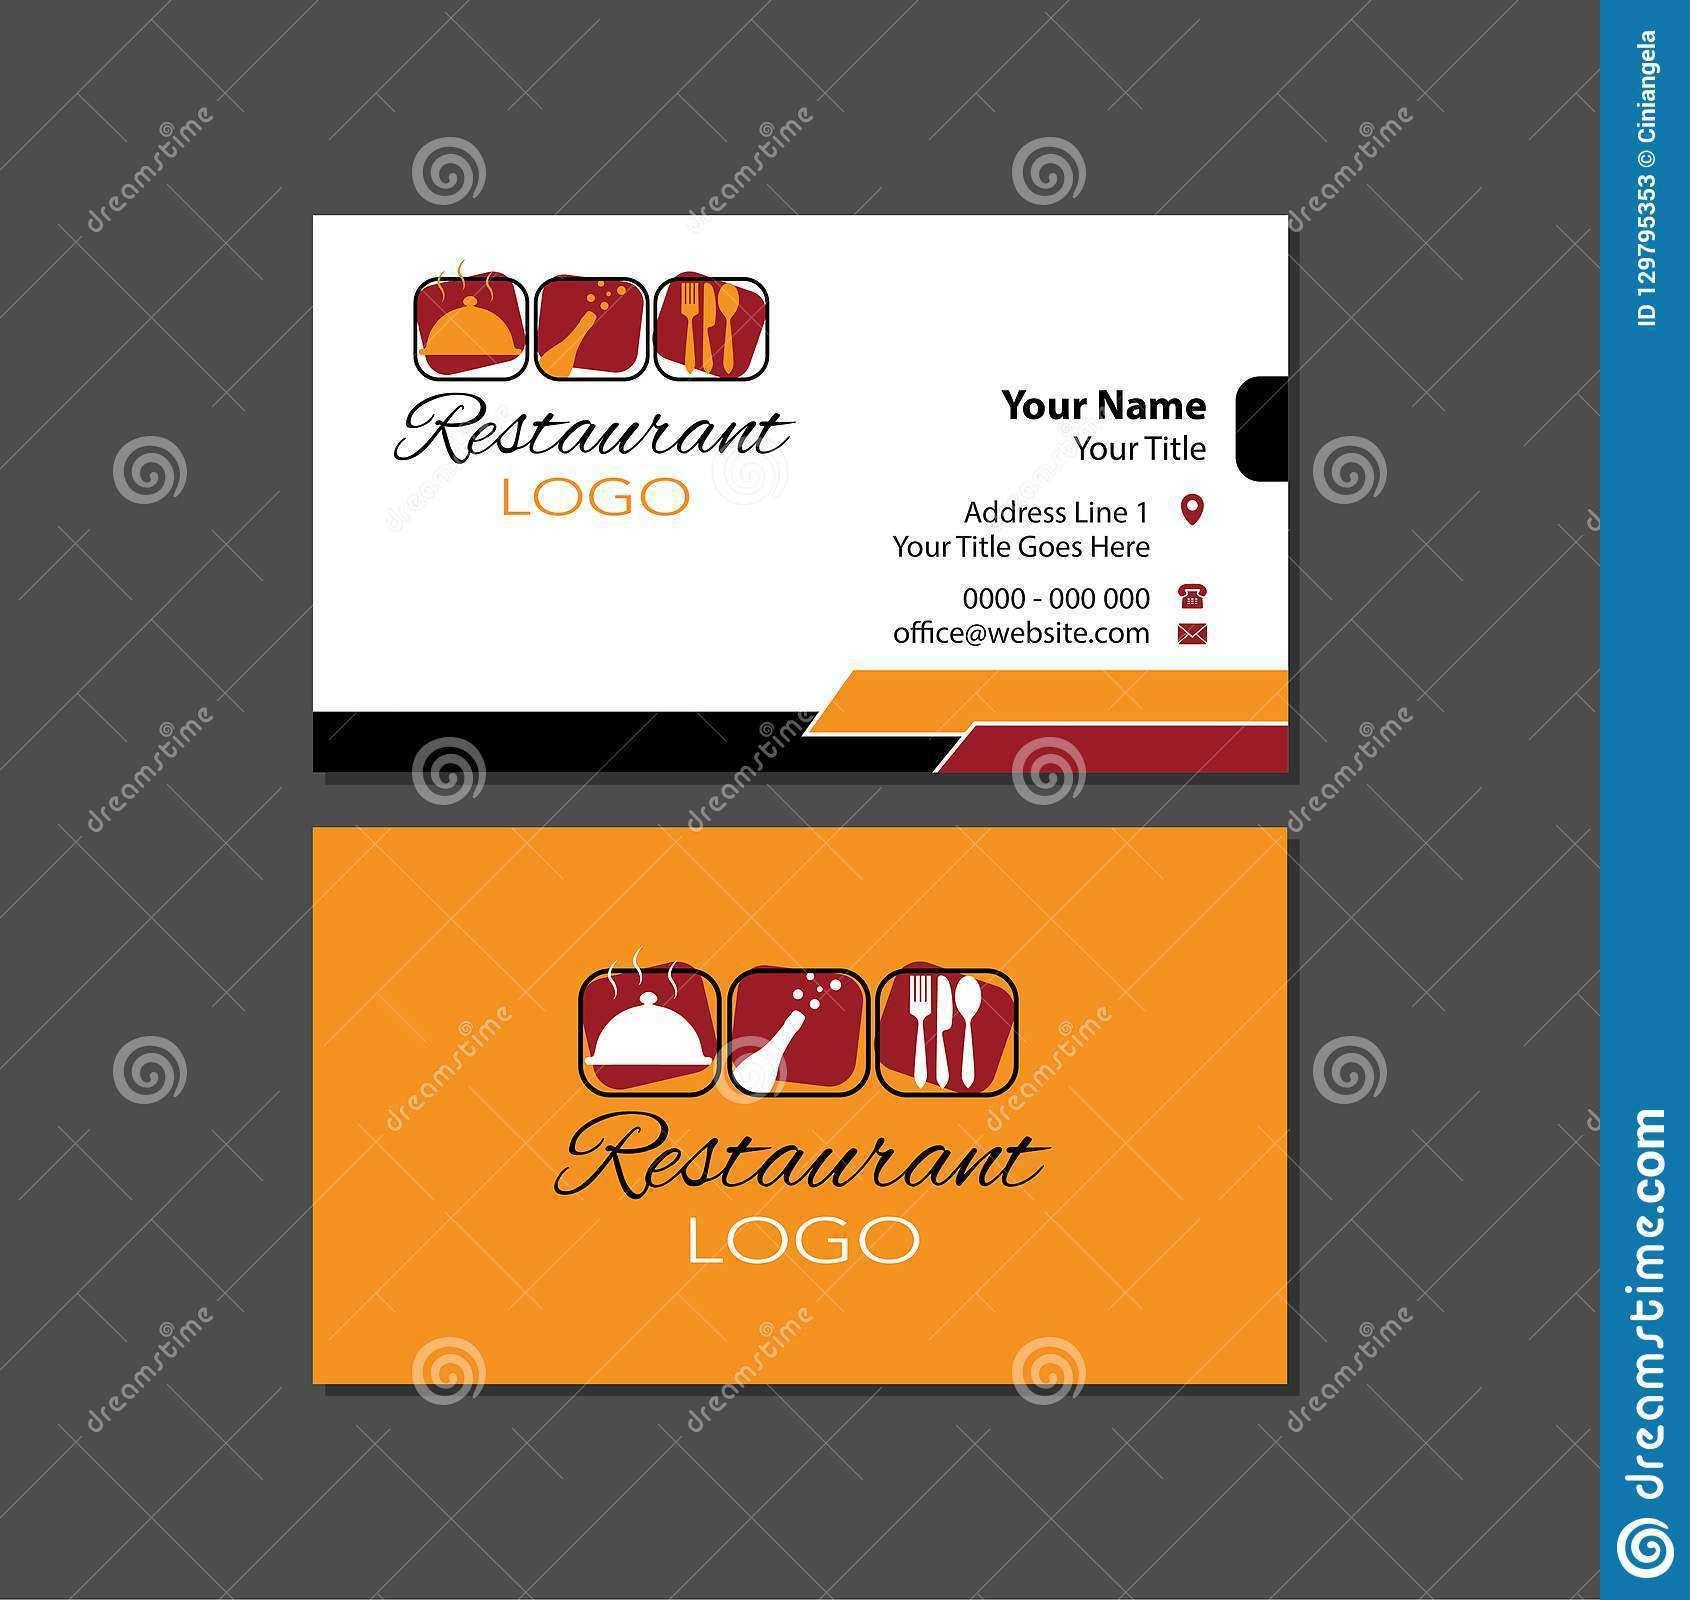 20 Format Business Card Template Restaurant Templates with Business Card Template Restaurant